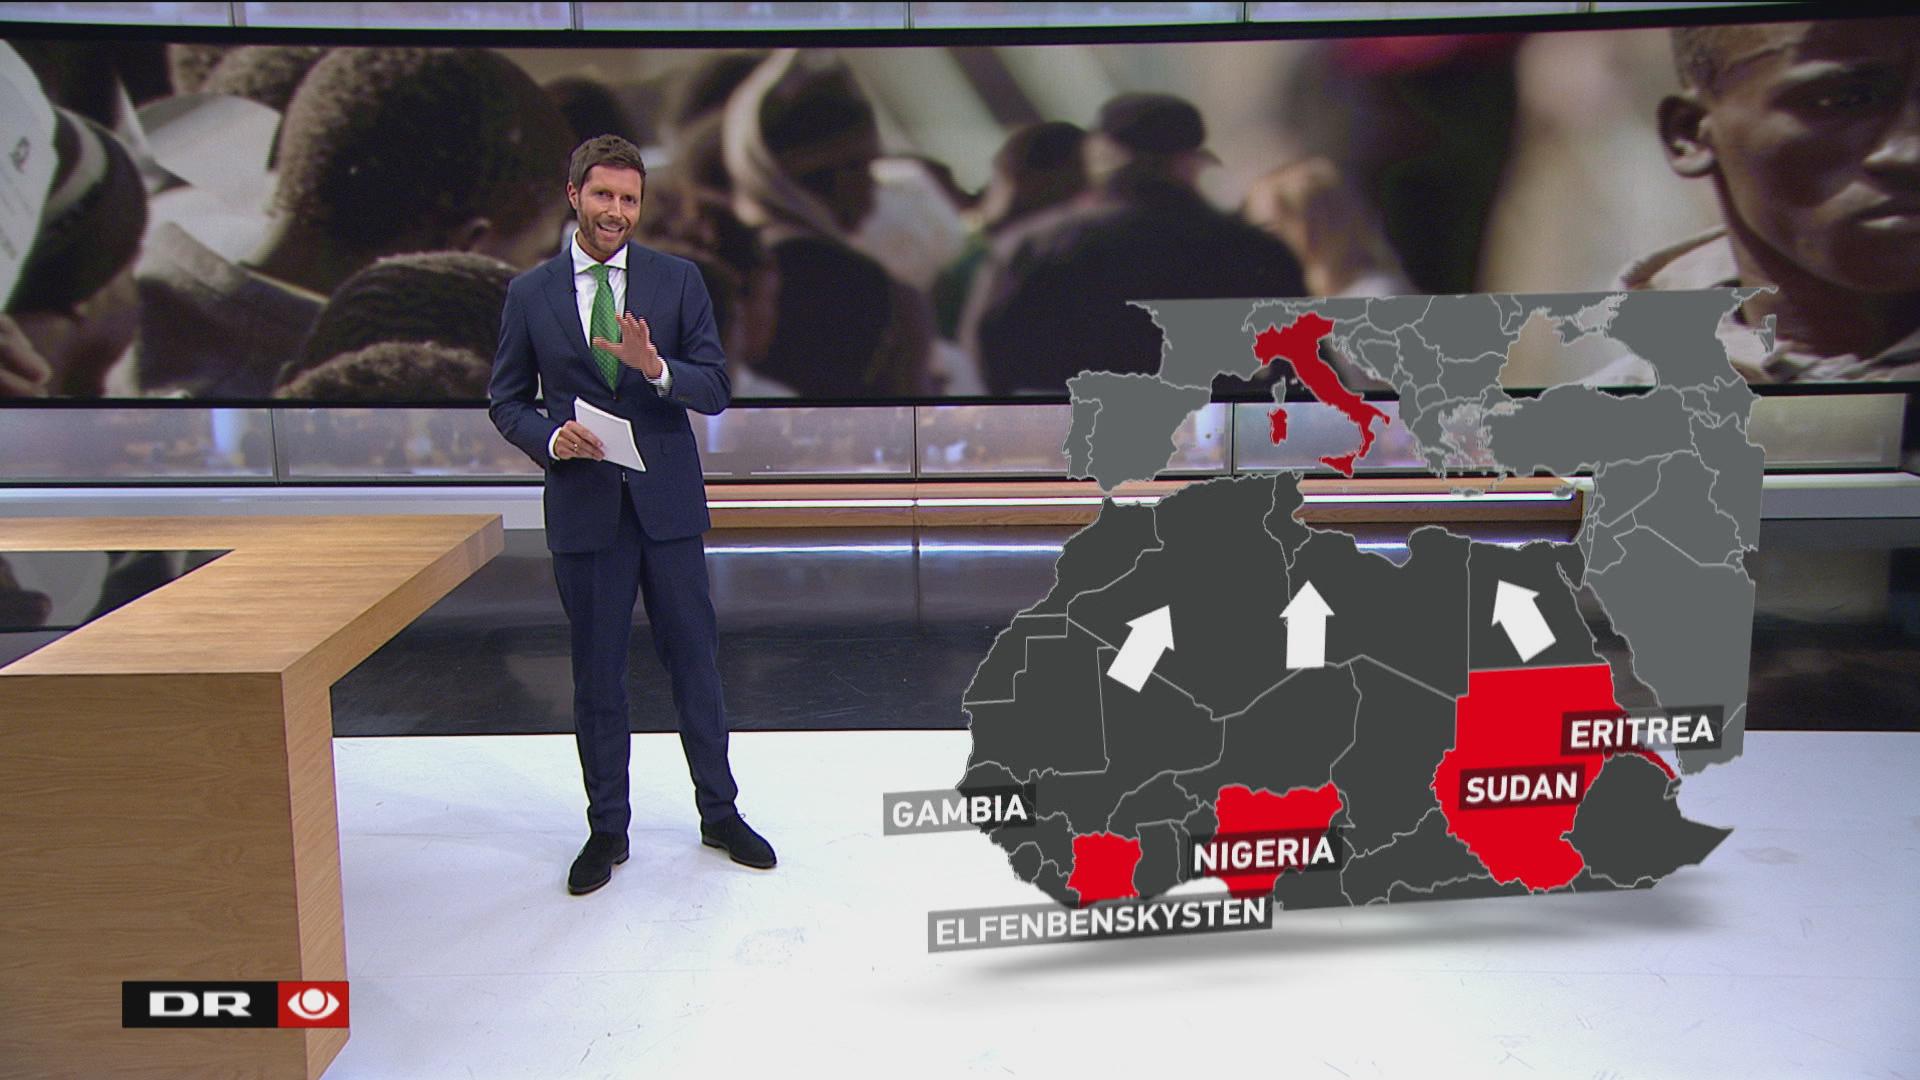 TVA 21.30 den 16. august 2016